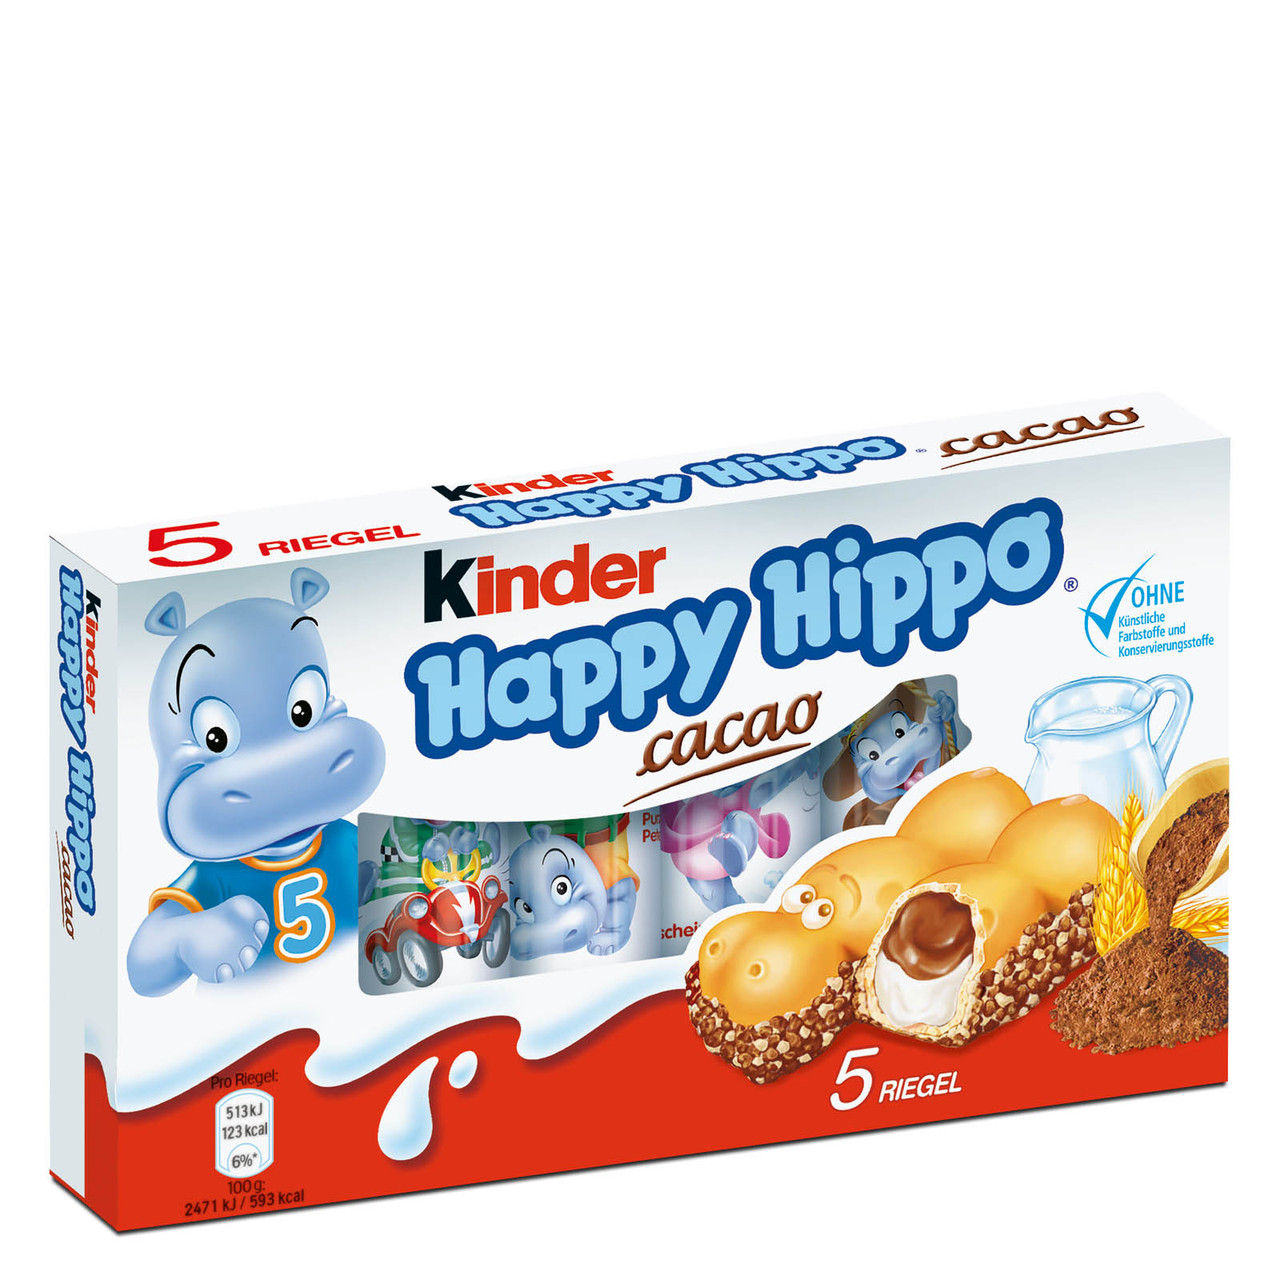 Kinder Happy Hippo Cacao Вафельные бегемотики с шоколадно-молочной начинкой